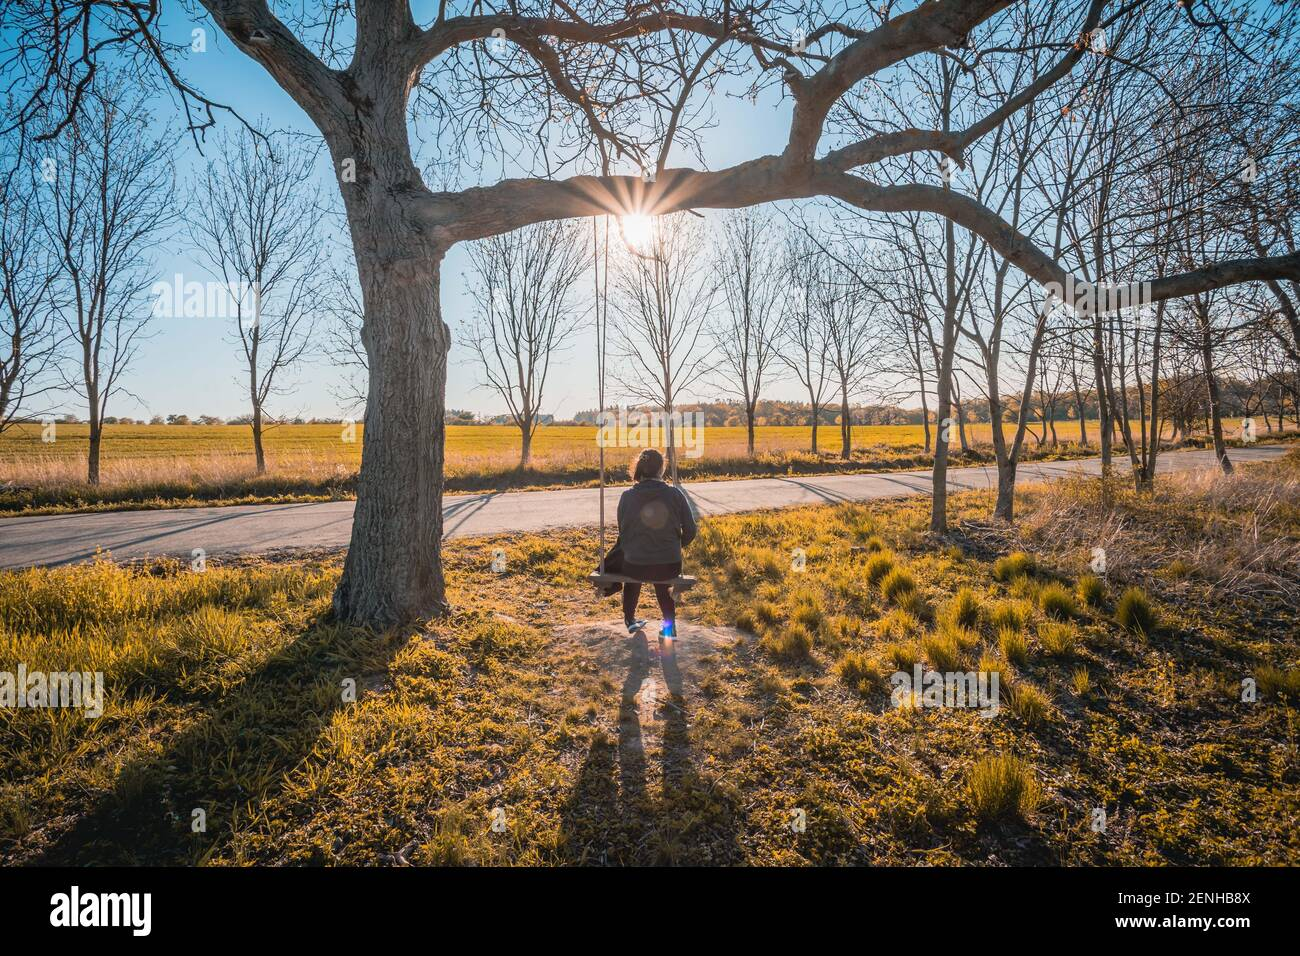 Bonne jeune femme sur un balancement avec fond de coucher de soleil Banque D'Images